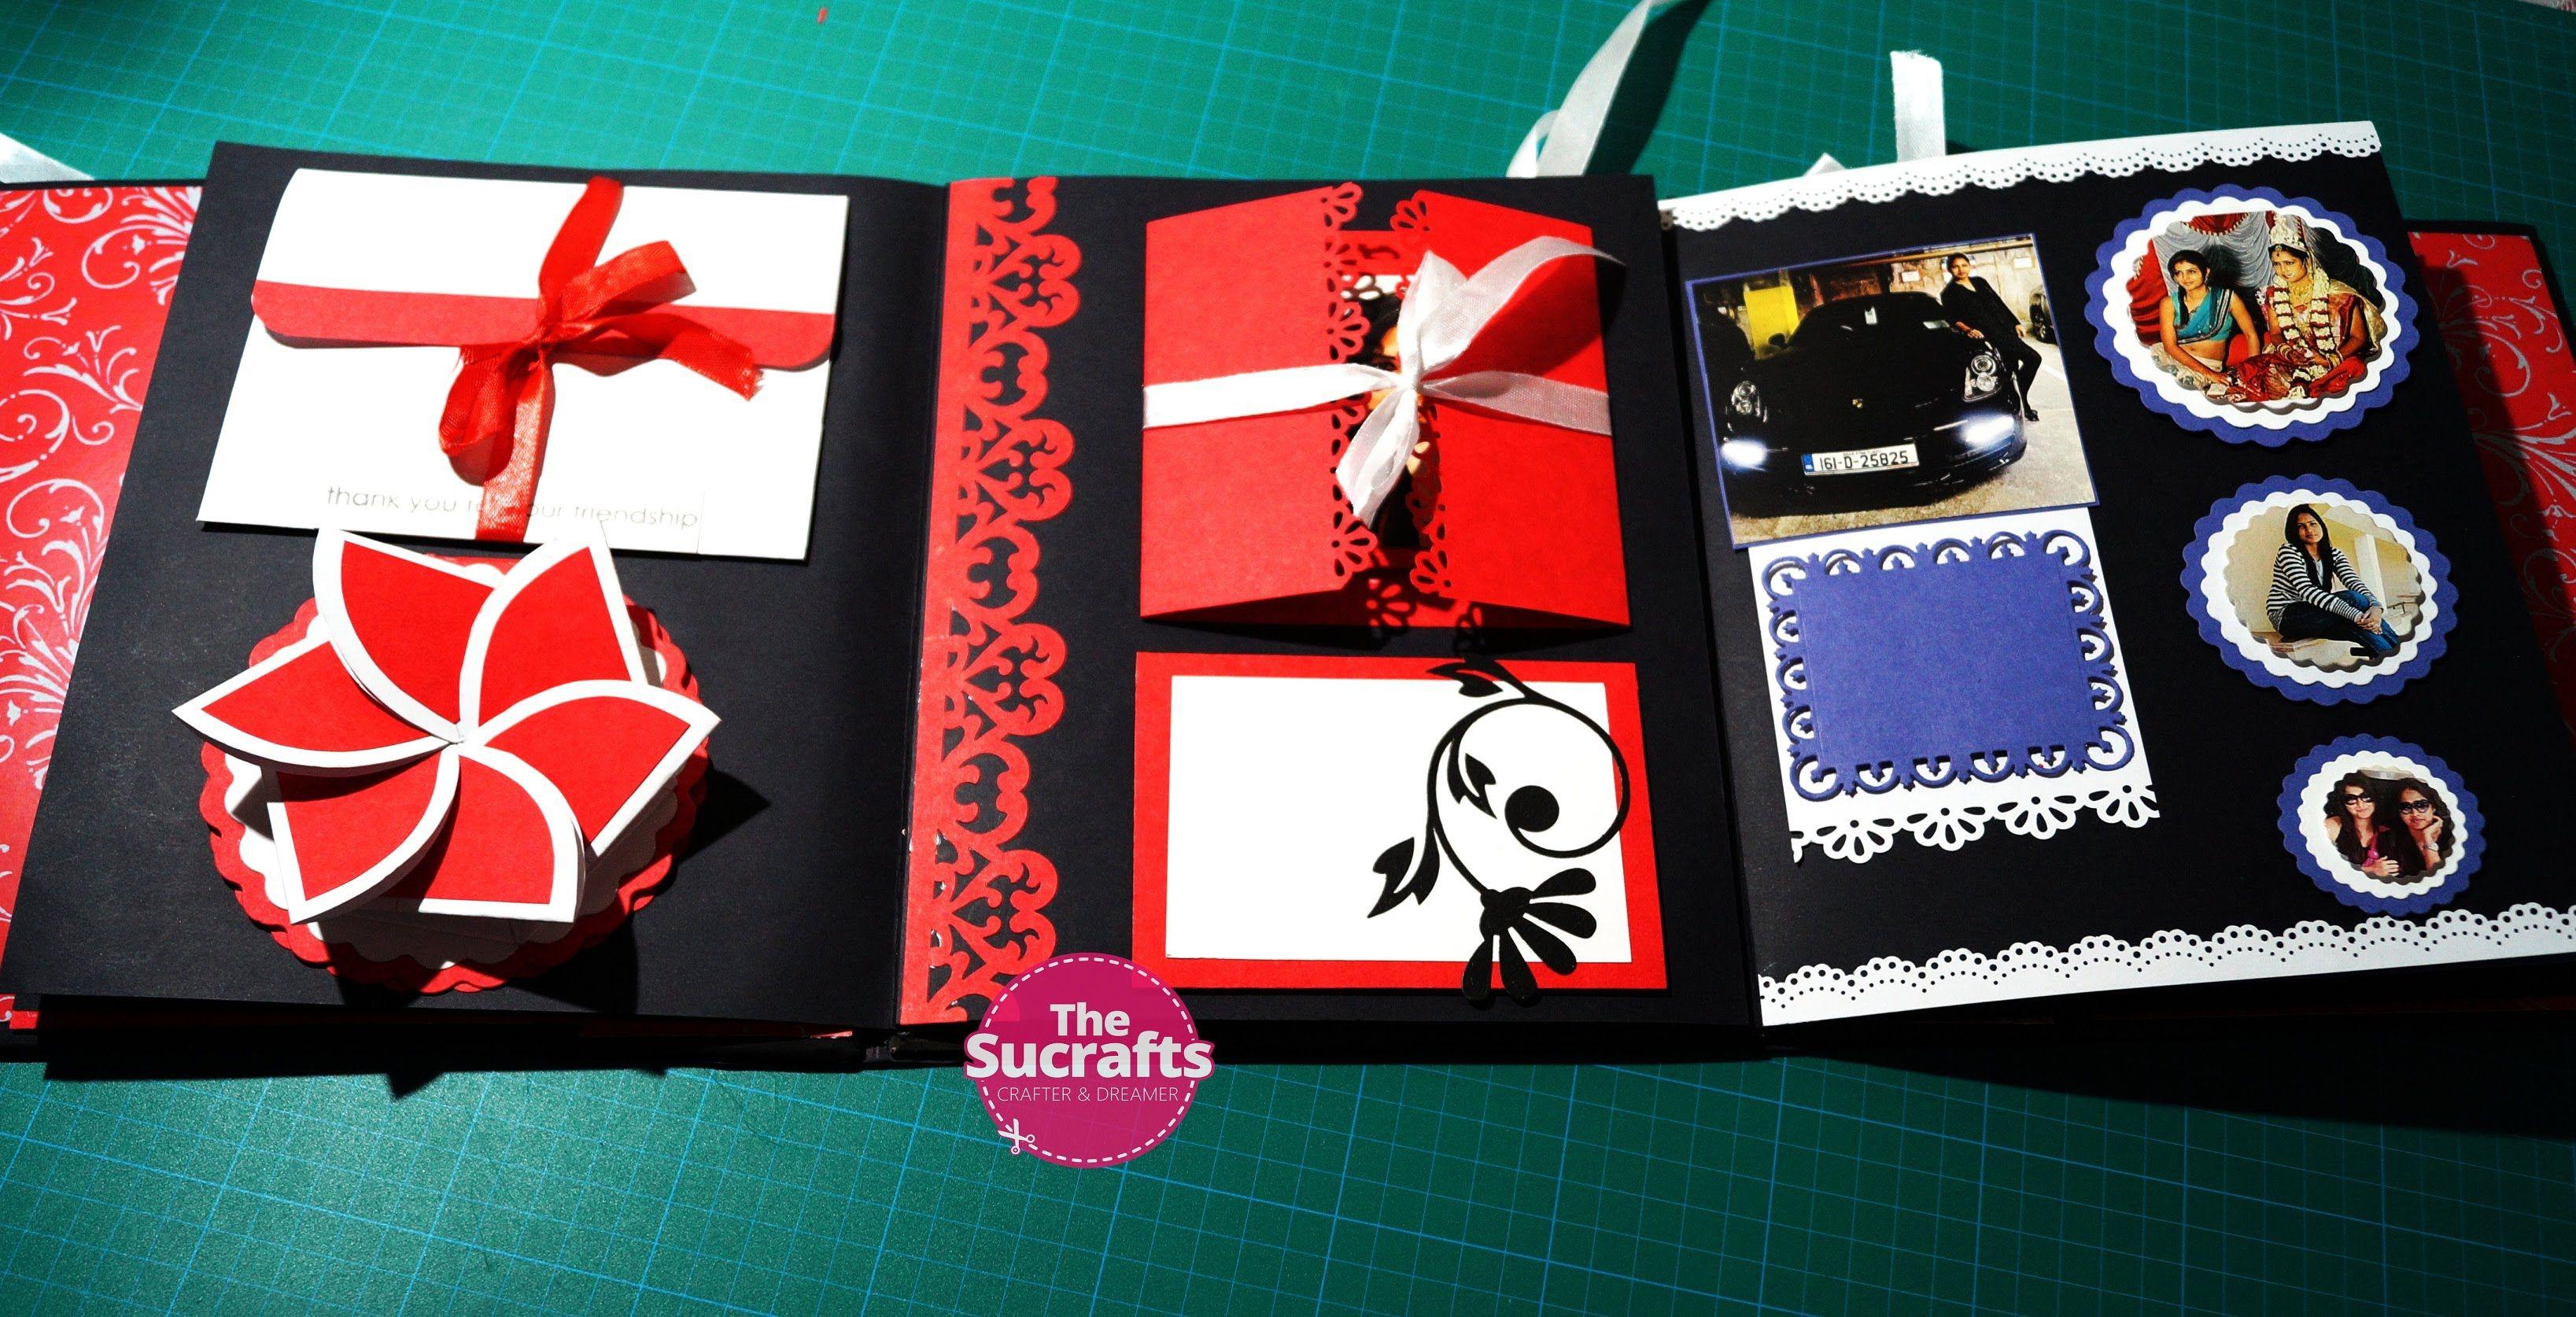 Diy mini album scrapbook for boyfriend 2014 youtube - Birthday Scrapbook For Best Friend The Sucrafts